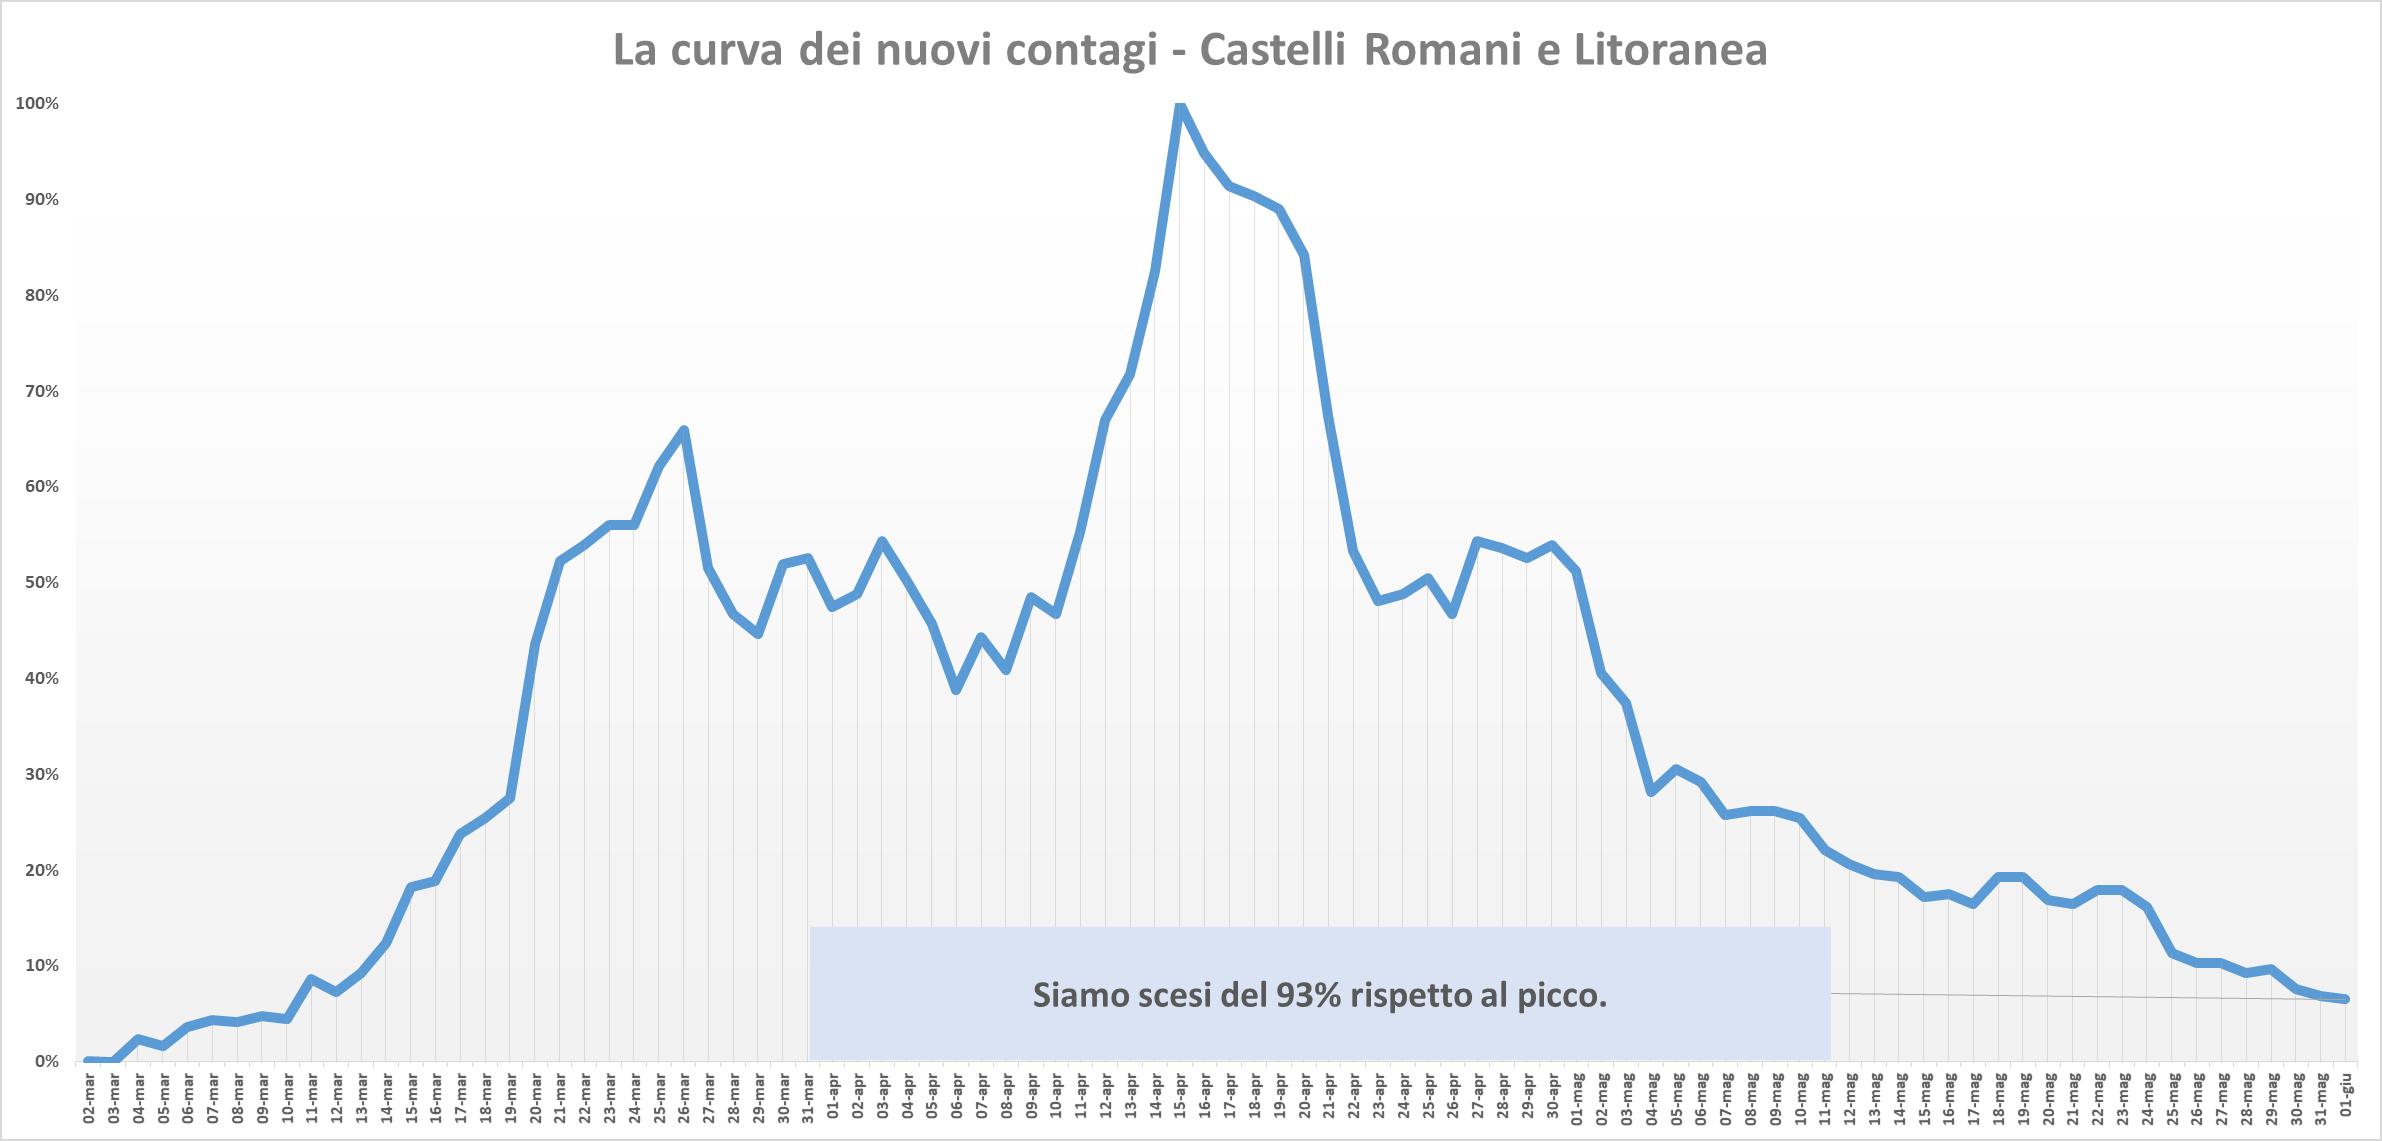 Il numero dei contagi da Coronavirus ha superato i 20 milioni